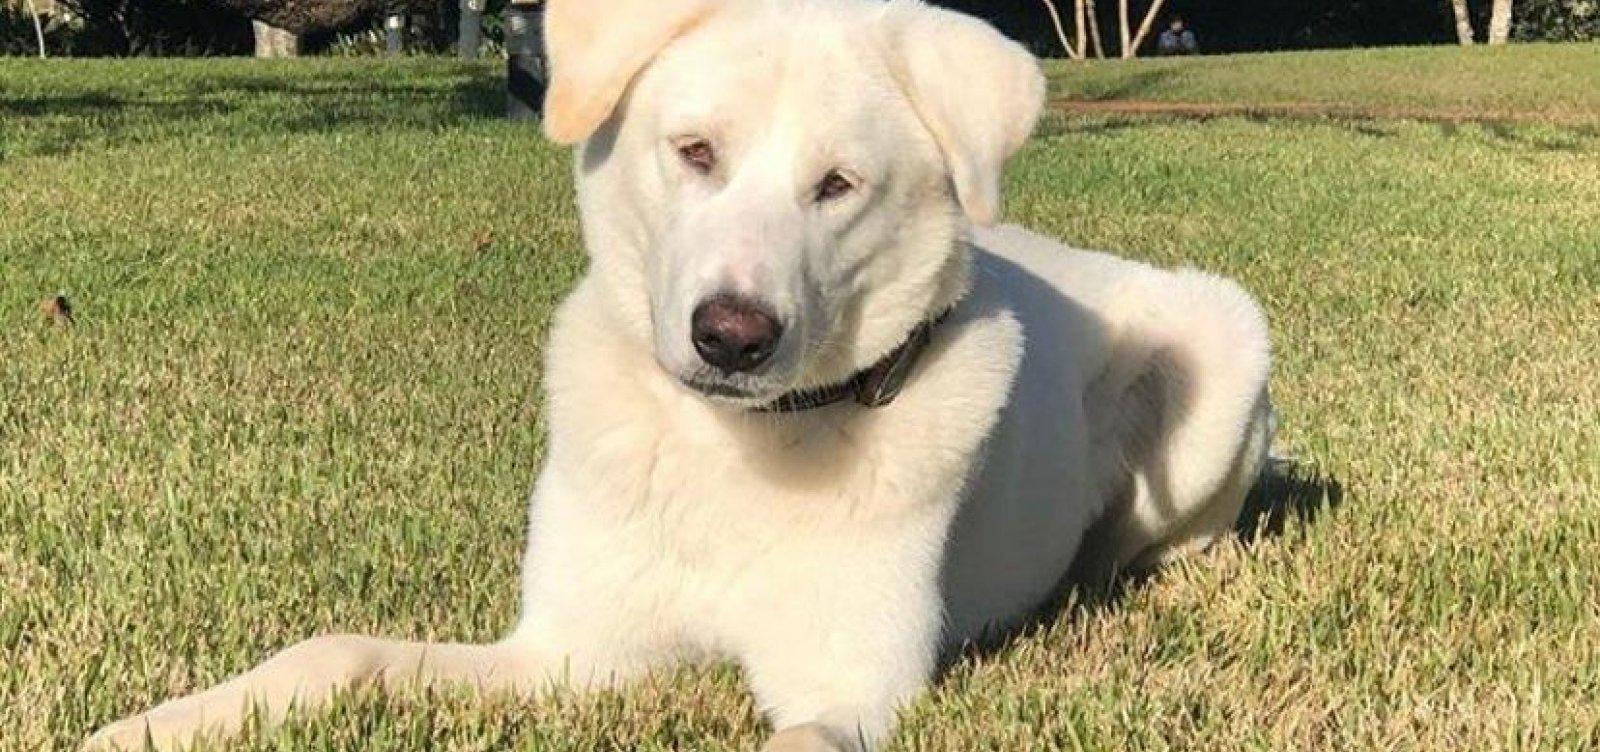 [Cachorro adotado por família Bolsonaro tinha dono e será devolvido]